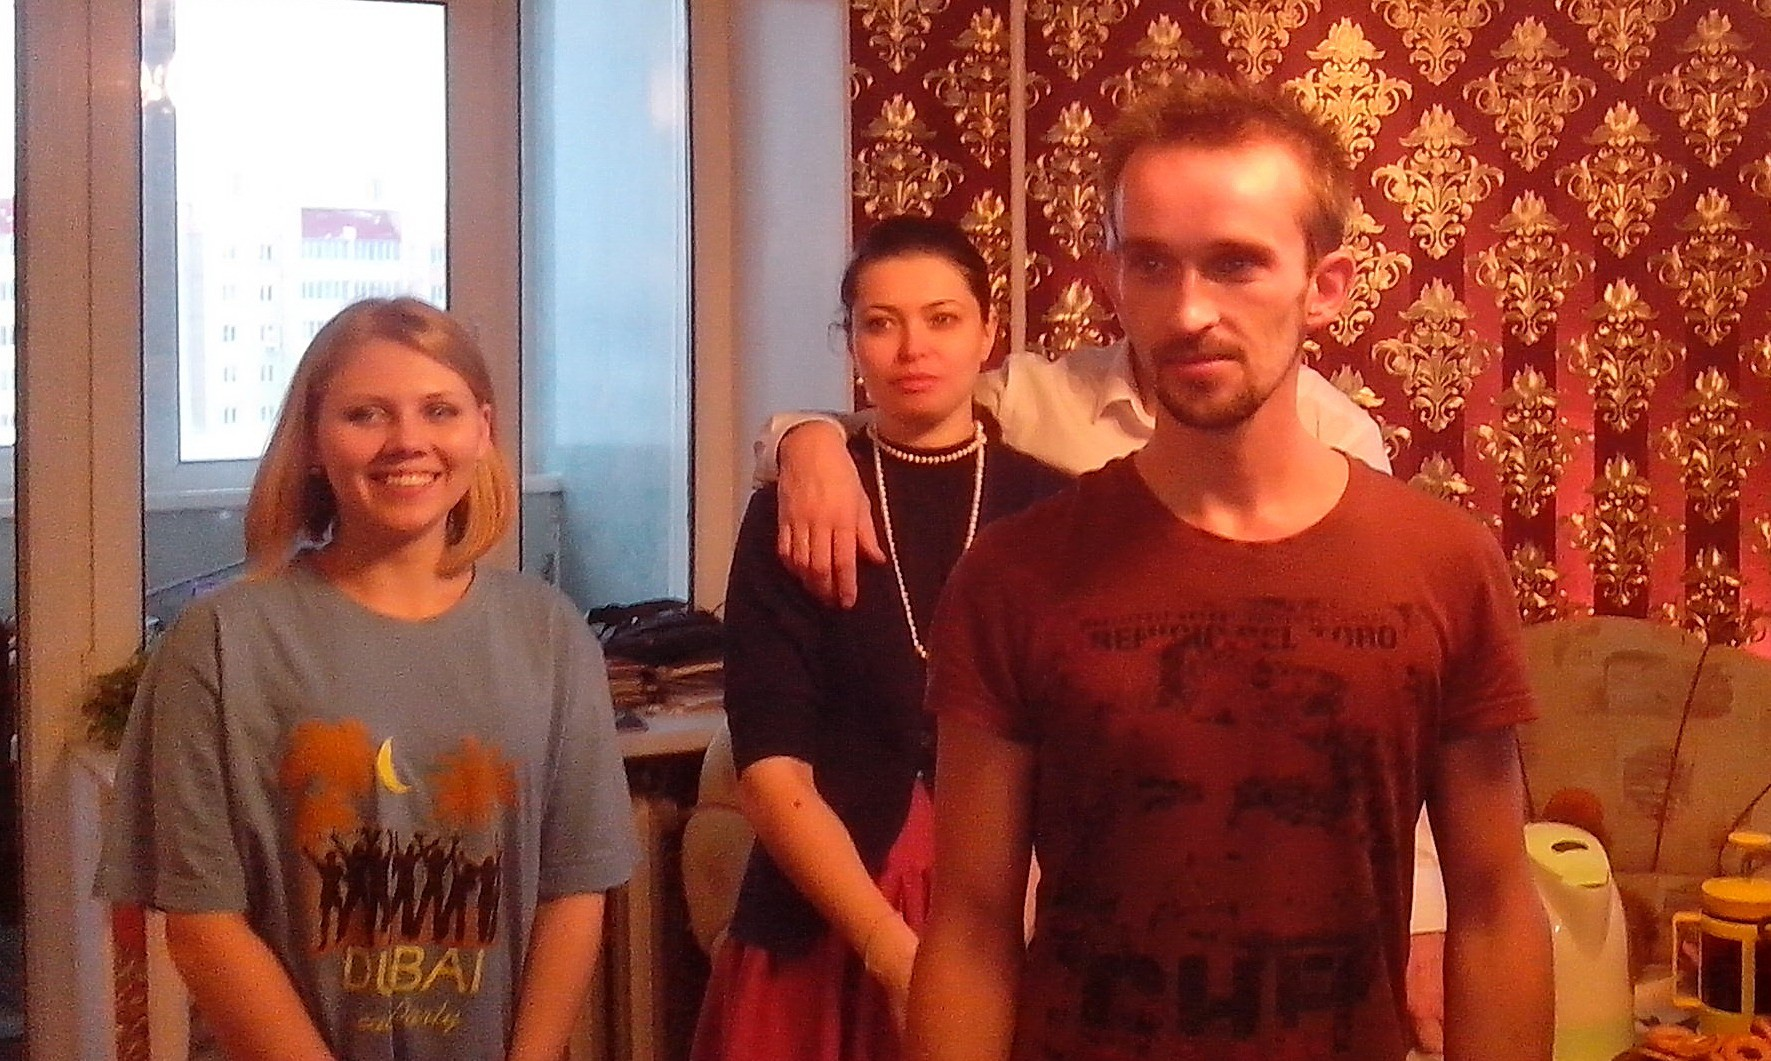 Церковь в Челябинске празднует спасение еще одной души